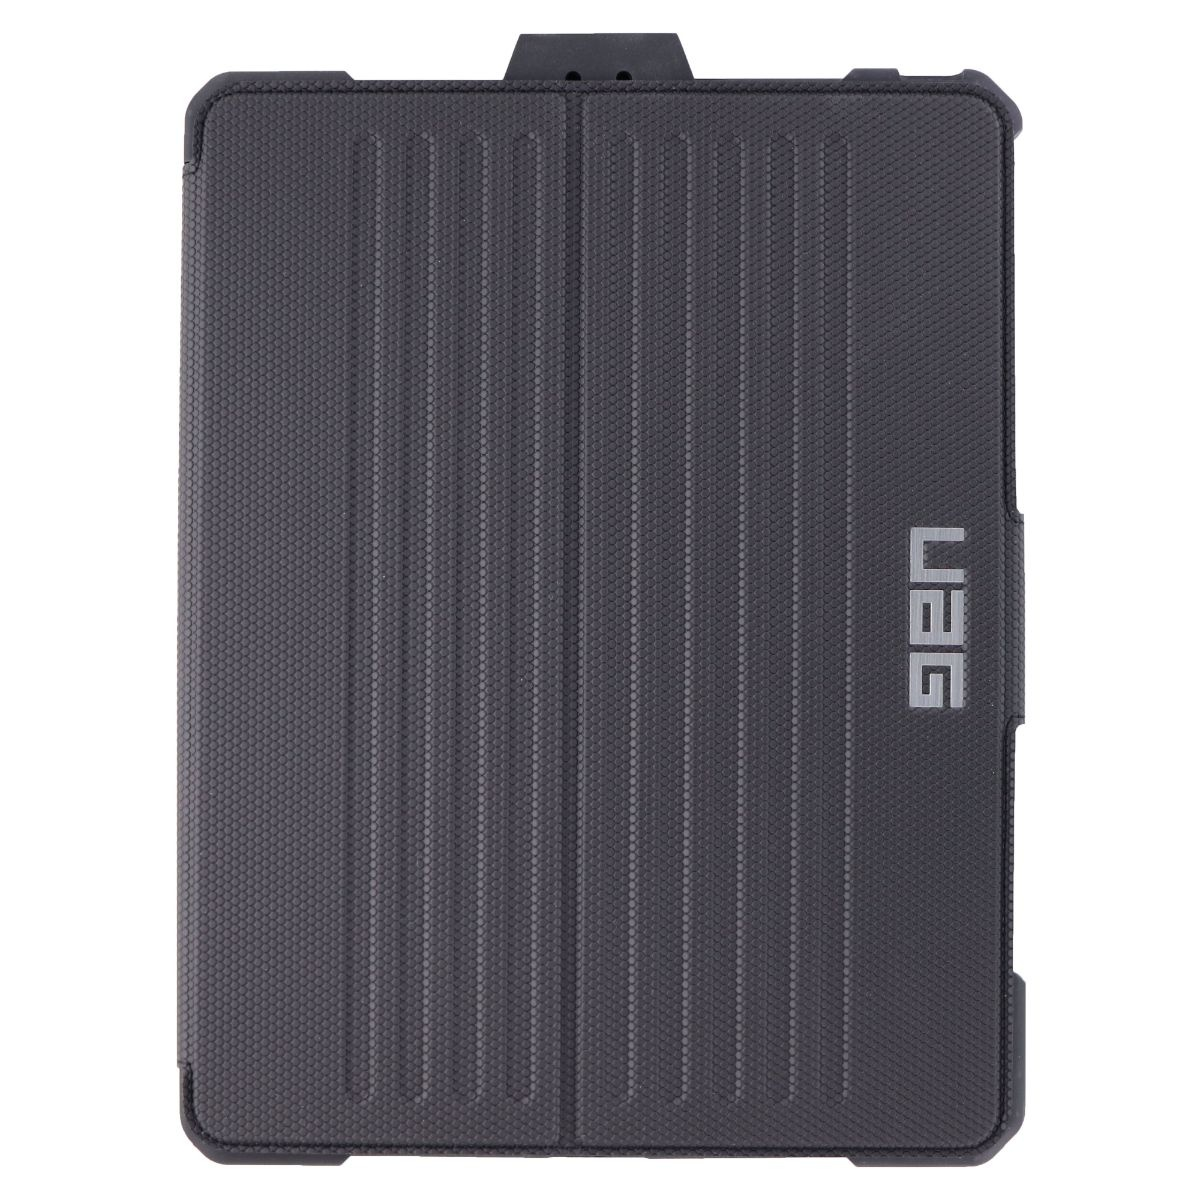 Urban Armor Gear Metropolis Case for Apple iPad Pro 12.9-inch (3rd Gen) - Black